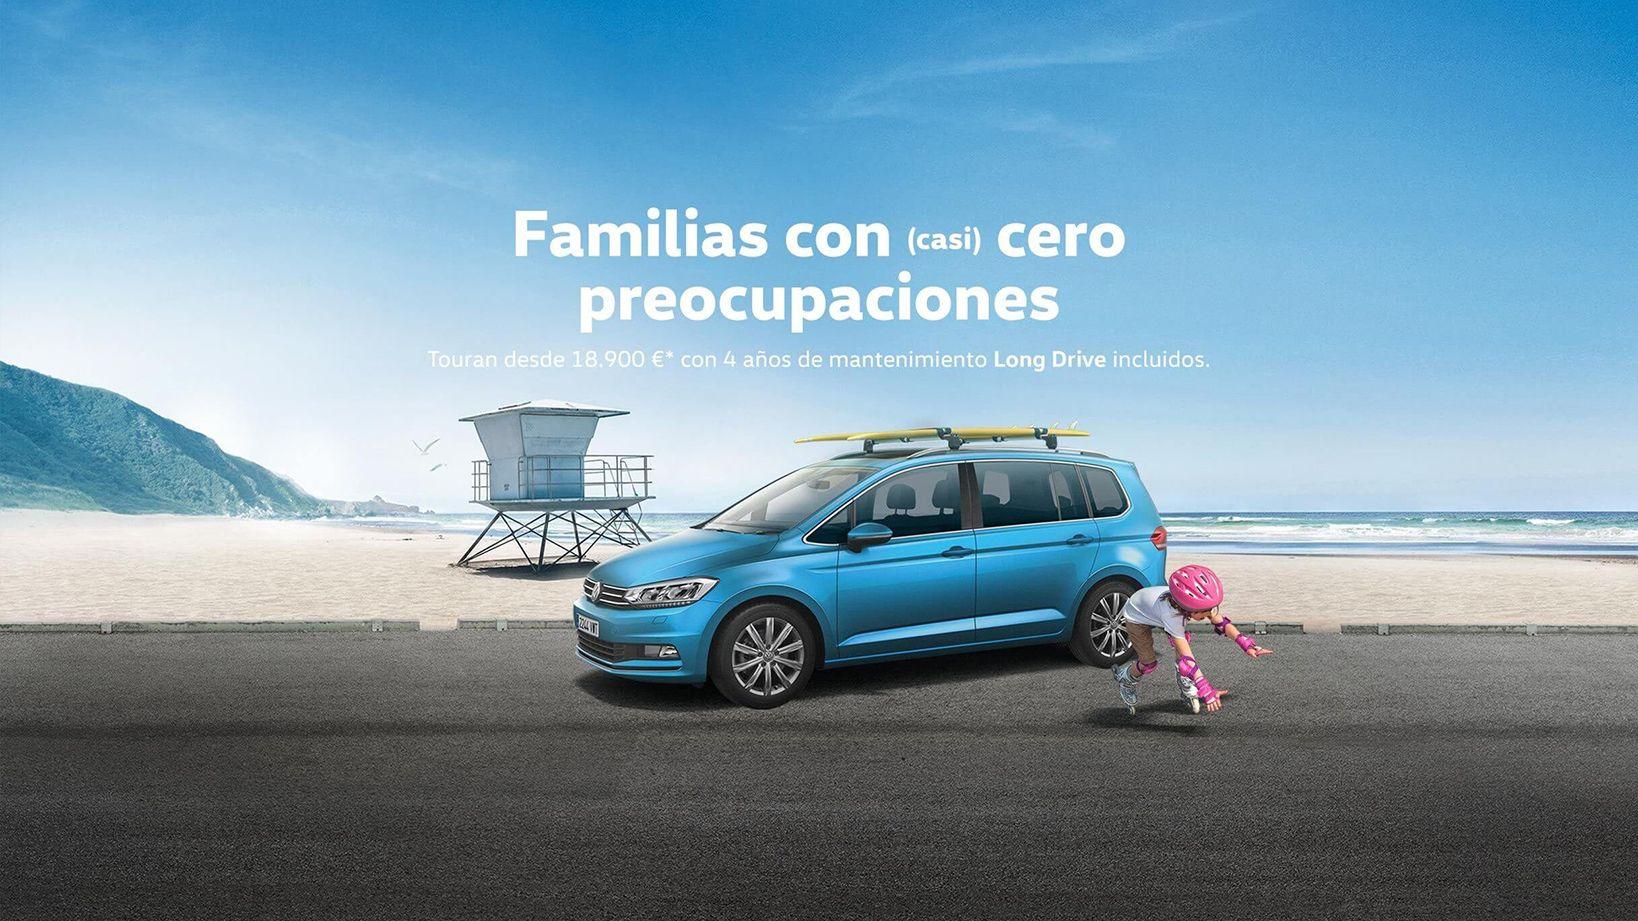 FAMILIAS CON (CASI) CERO PREOCUPACIONES I